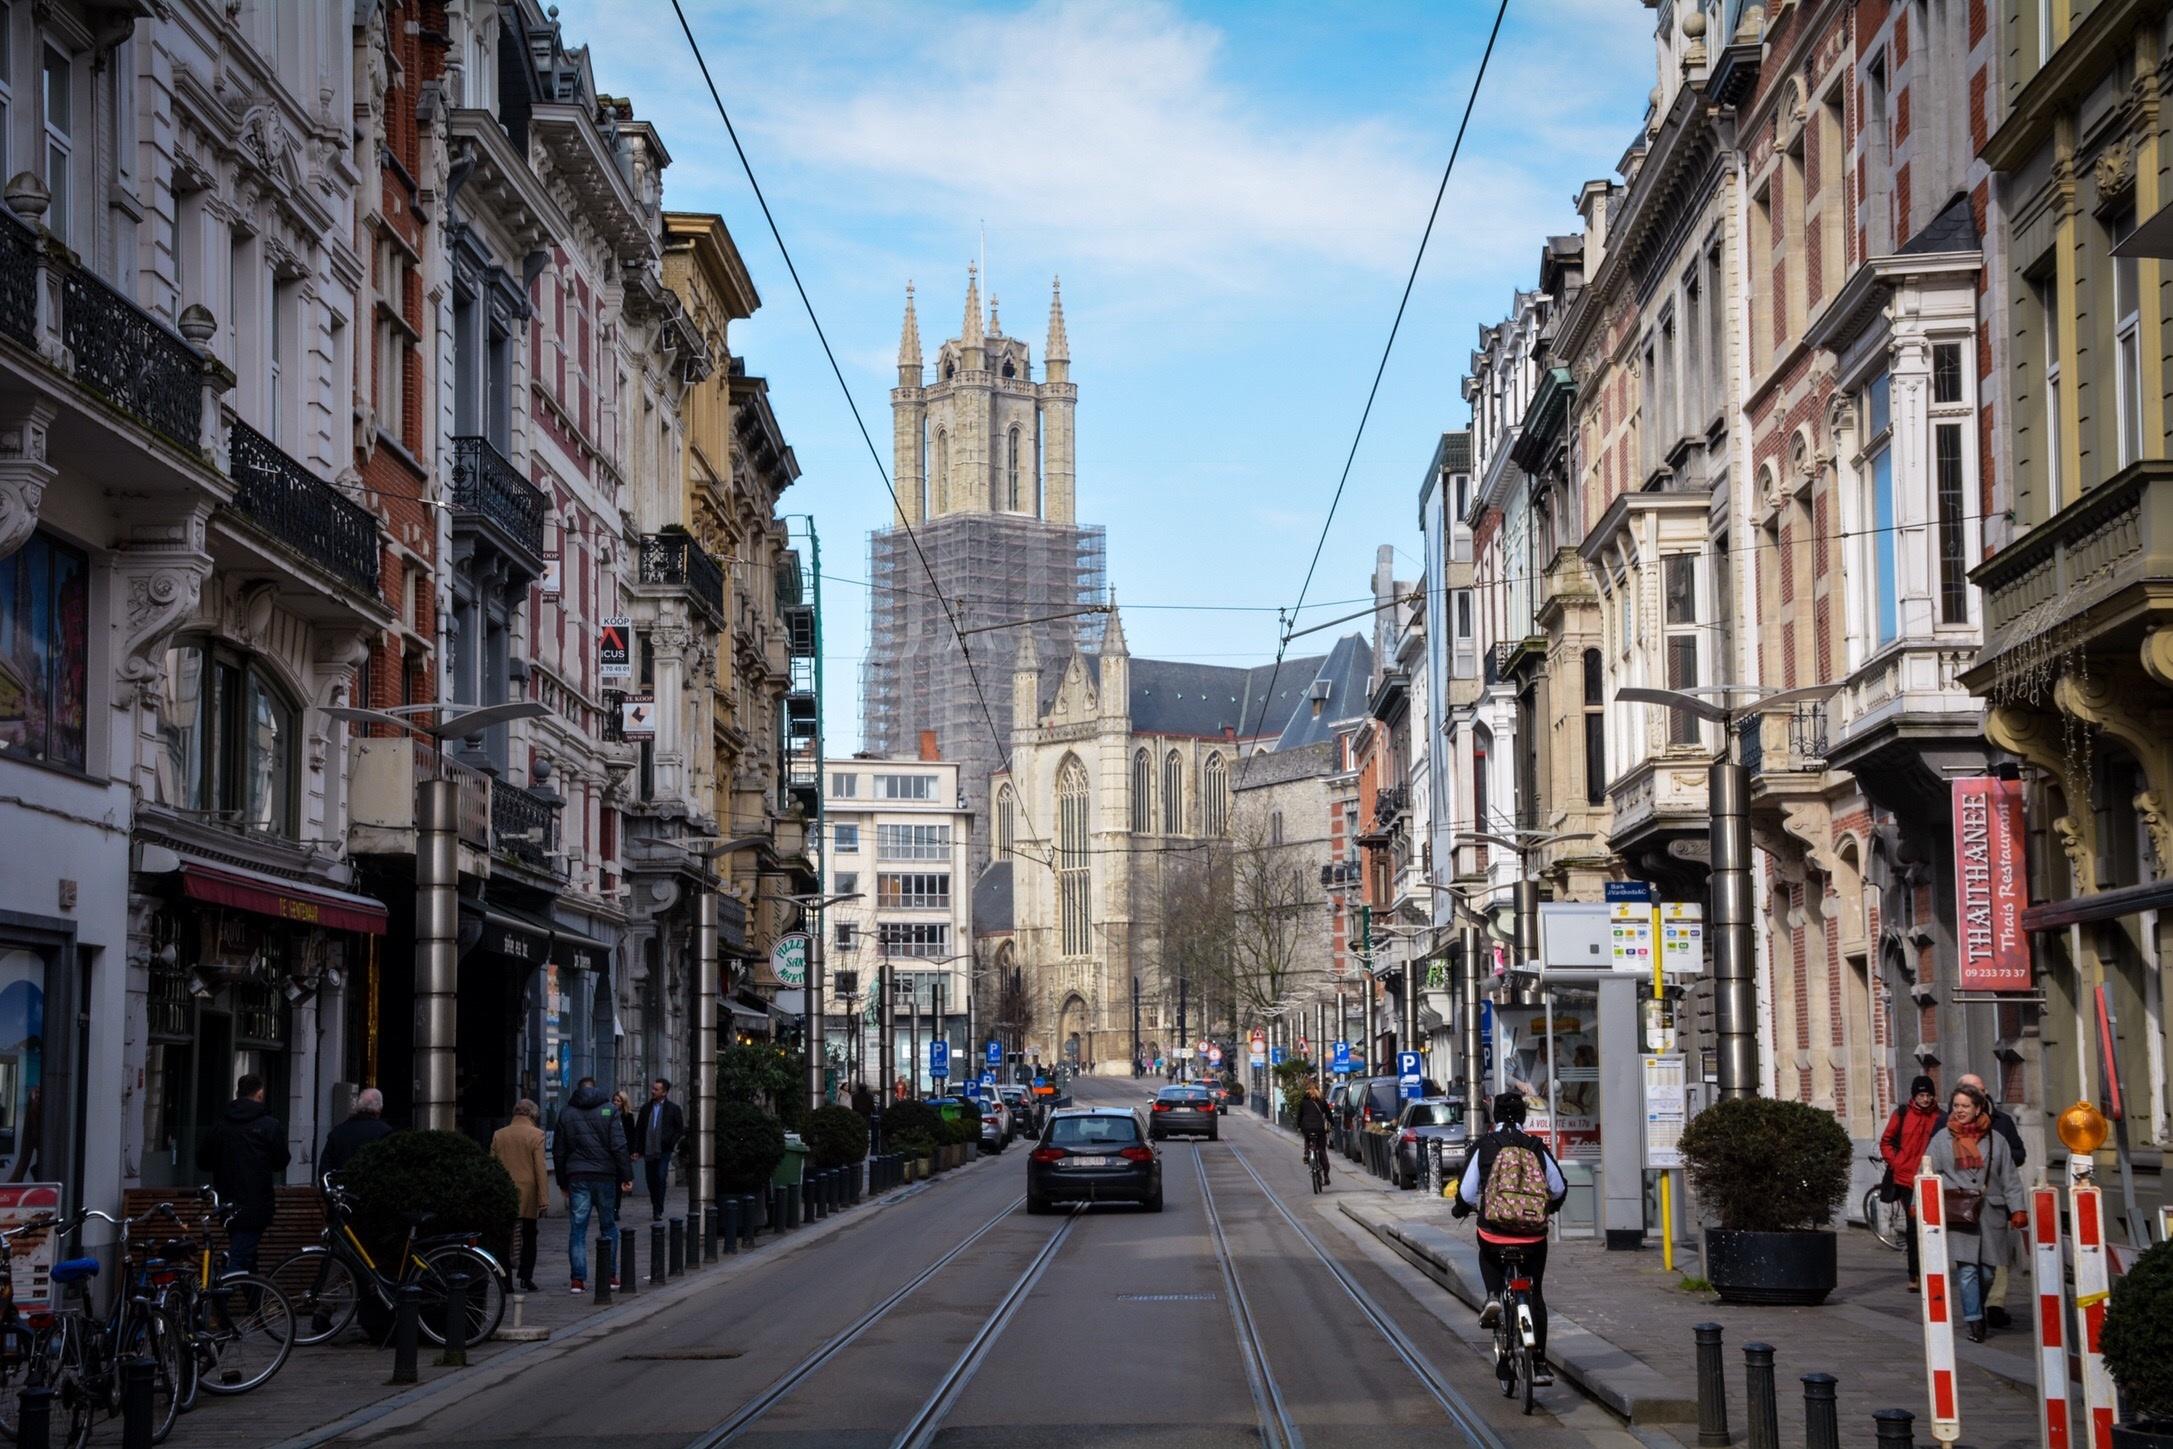 говоря, картинки улиц нашего города надрезать крестом